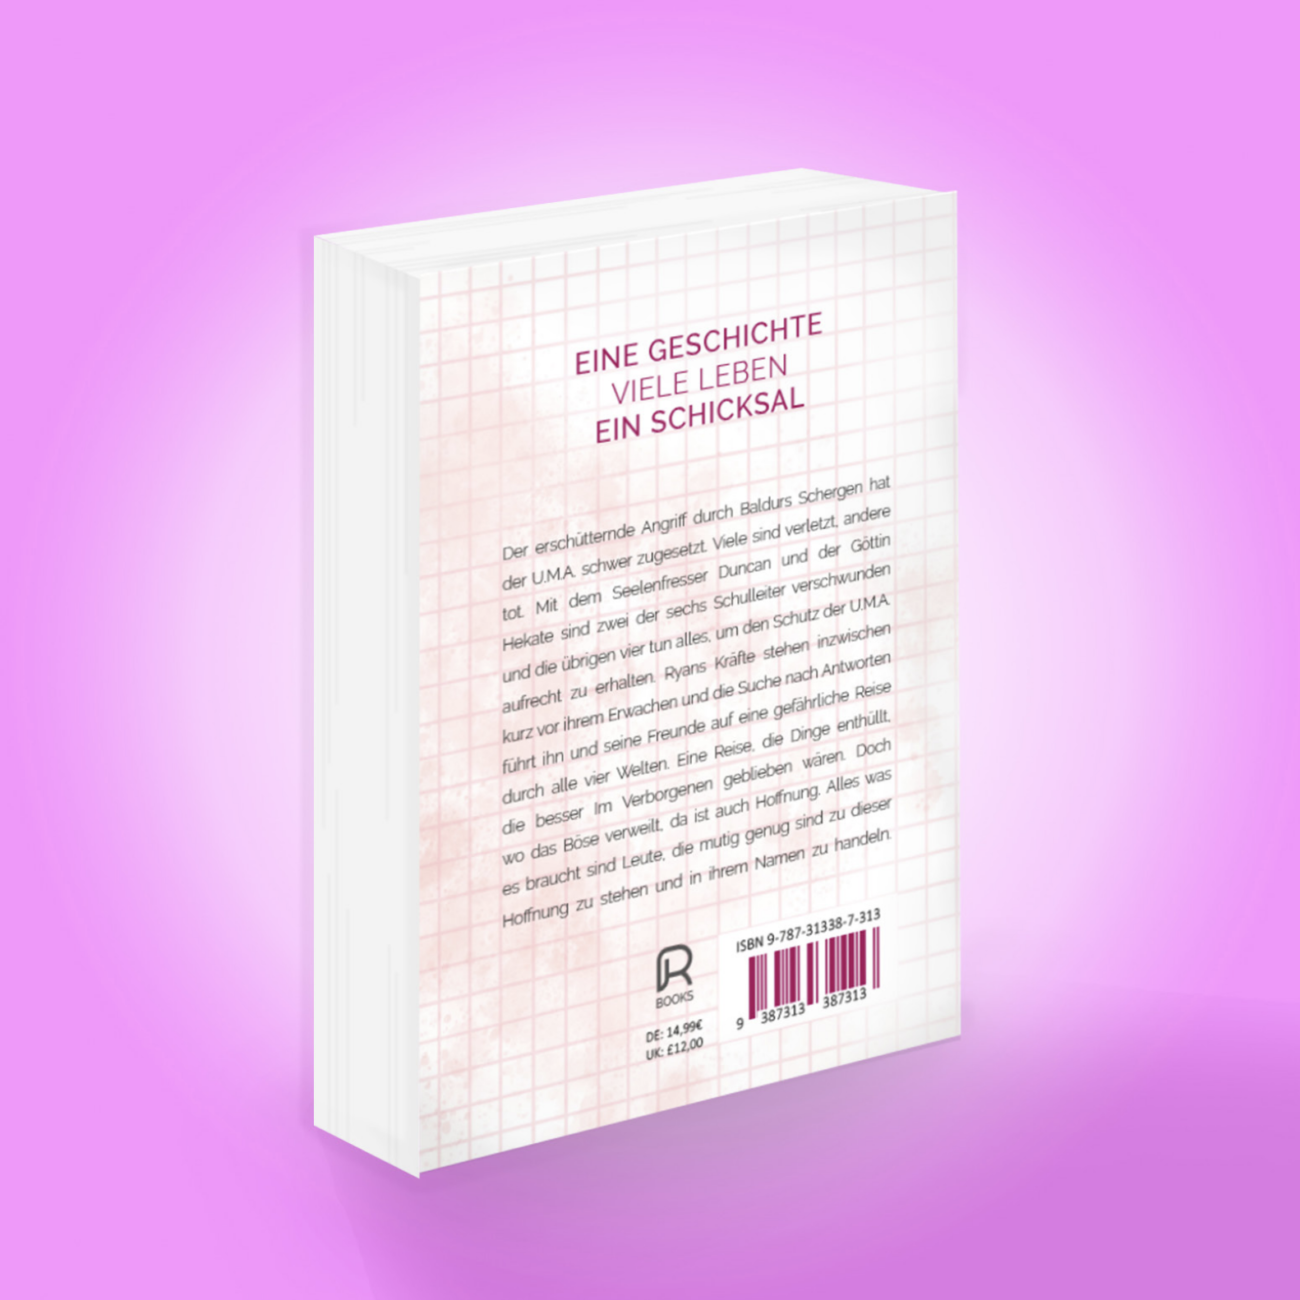 Rückansicht des dritten Buches der Ancestors-Trilogie mit Zusammenfassung, Preisangaben und fiktivem ISBN-Code